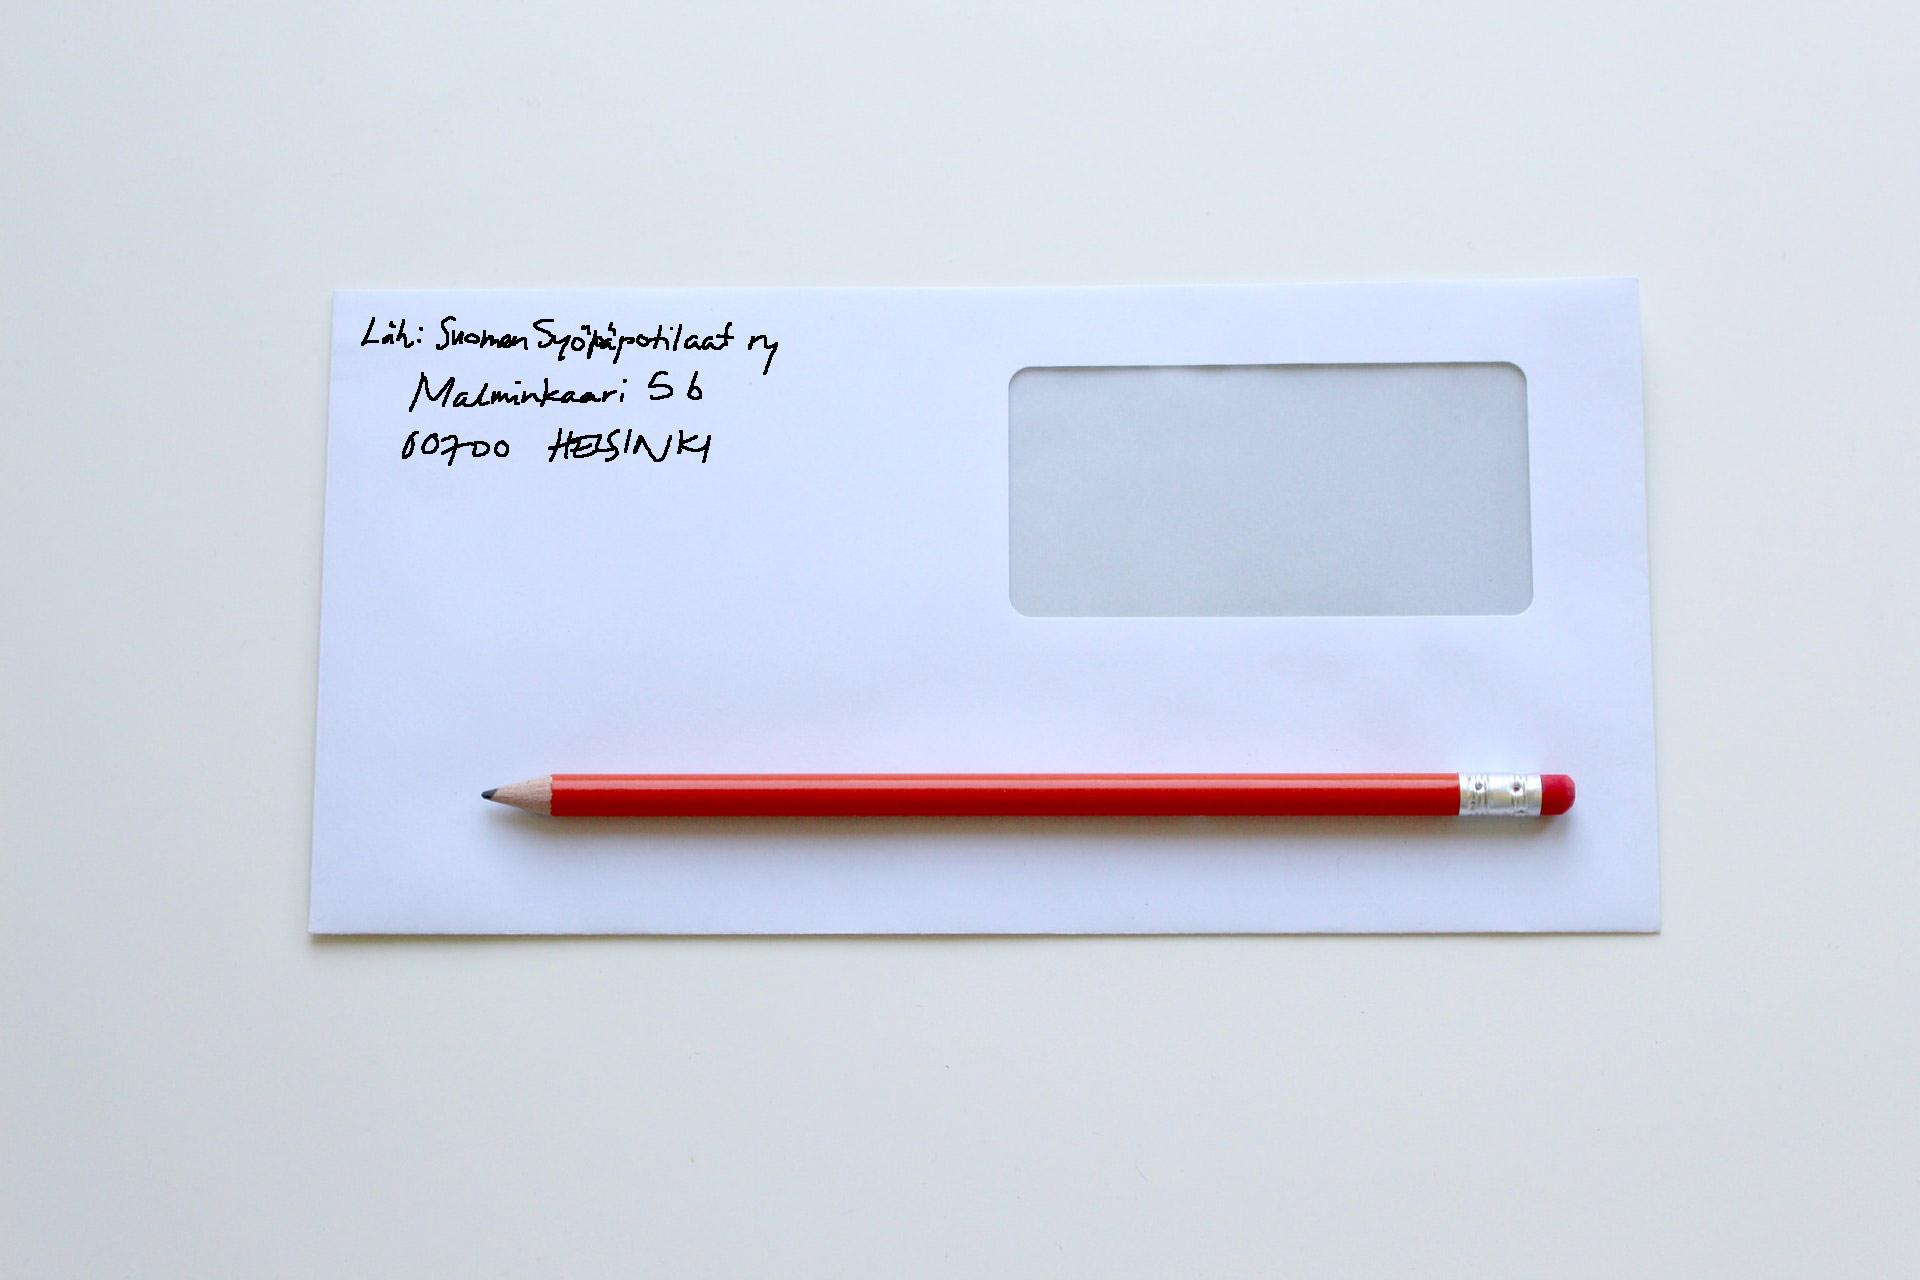 Kirjekuori, jonka lähettäjä Suomen Syöpäpotilaat ry sekä punainen kynä